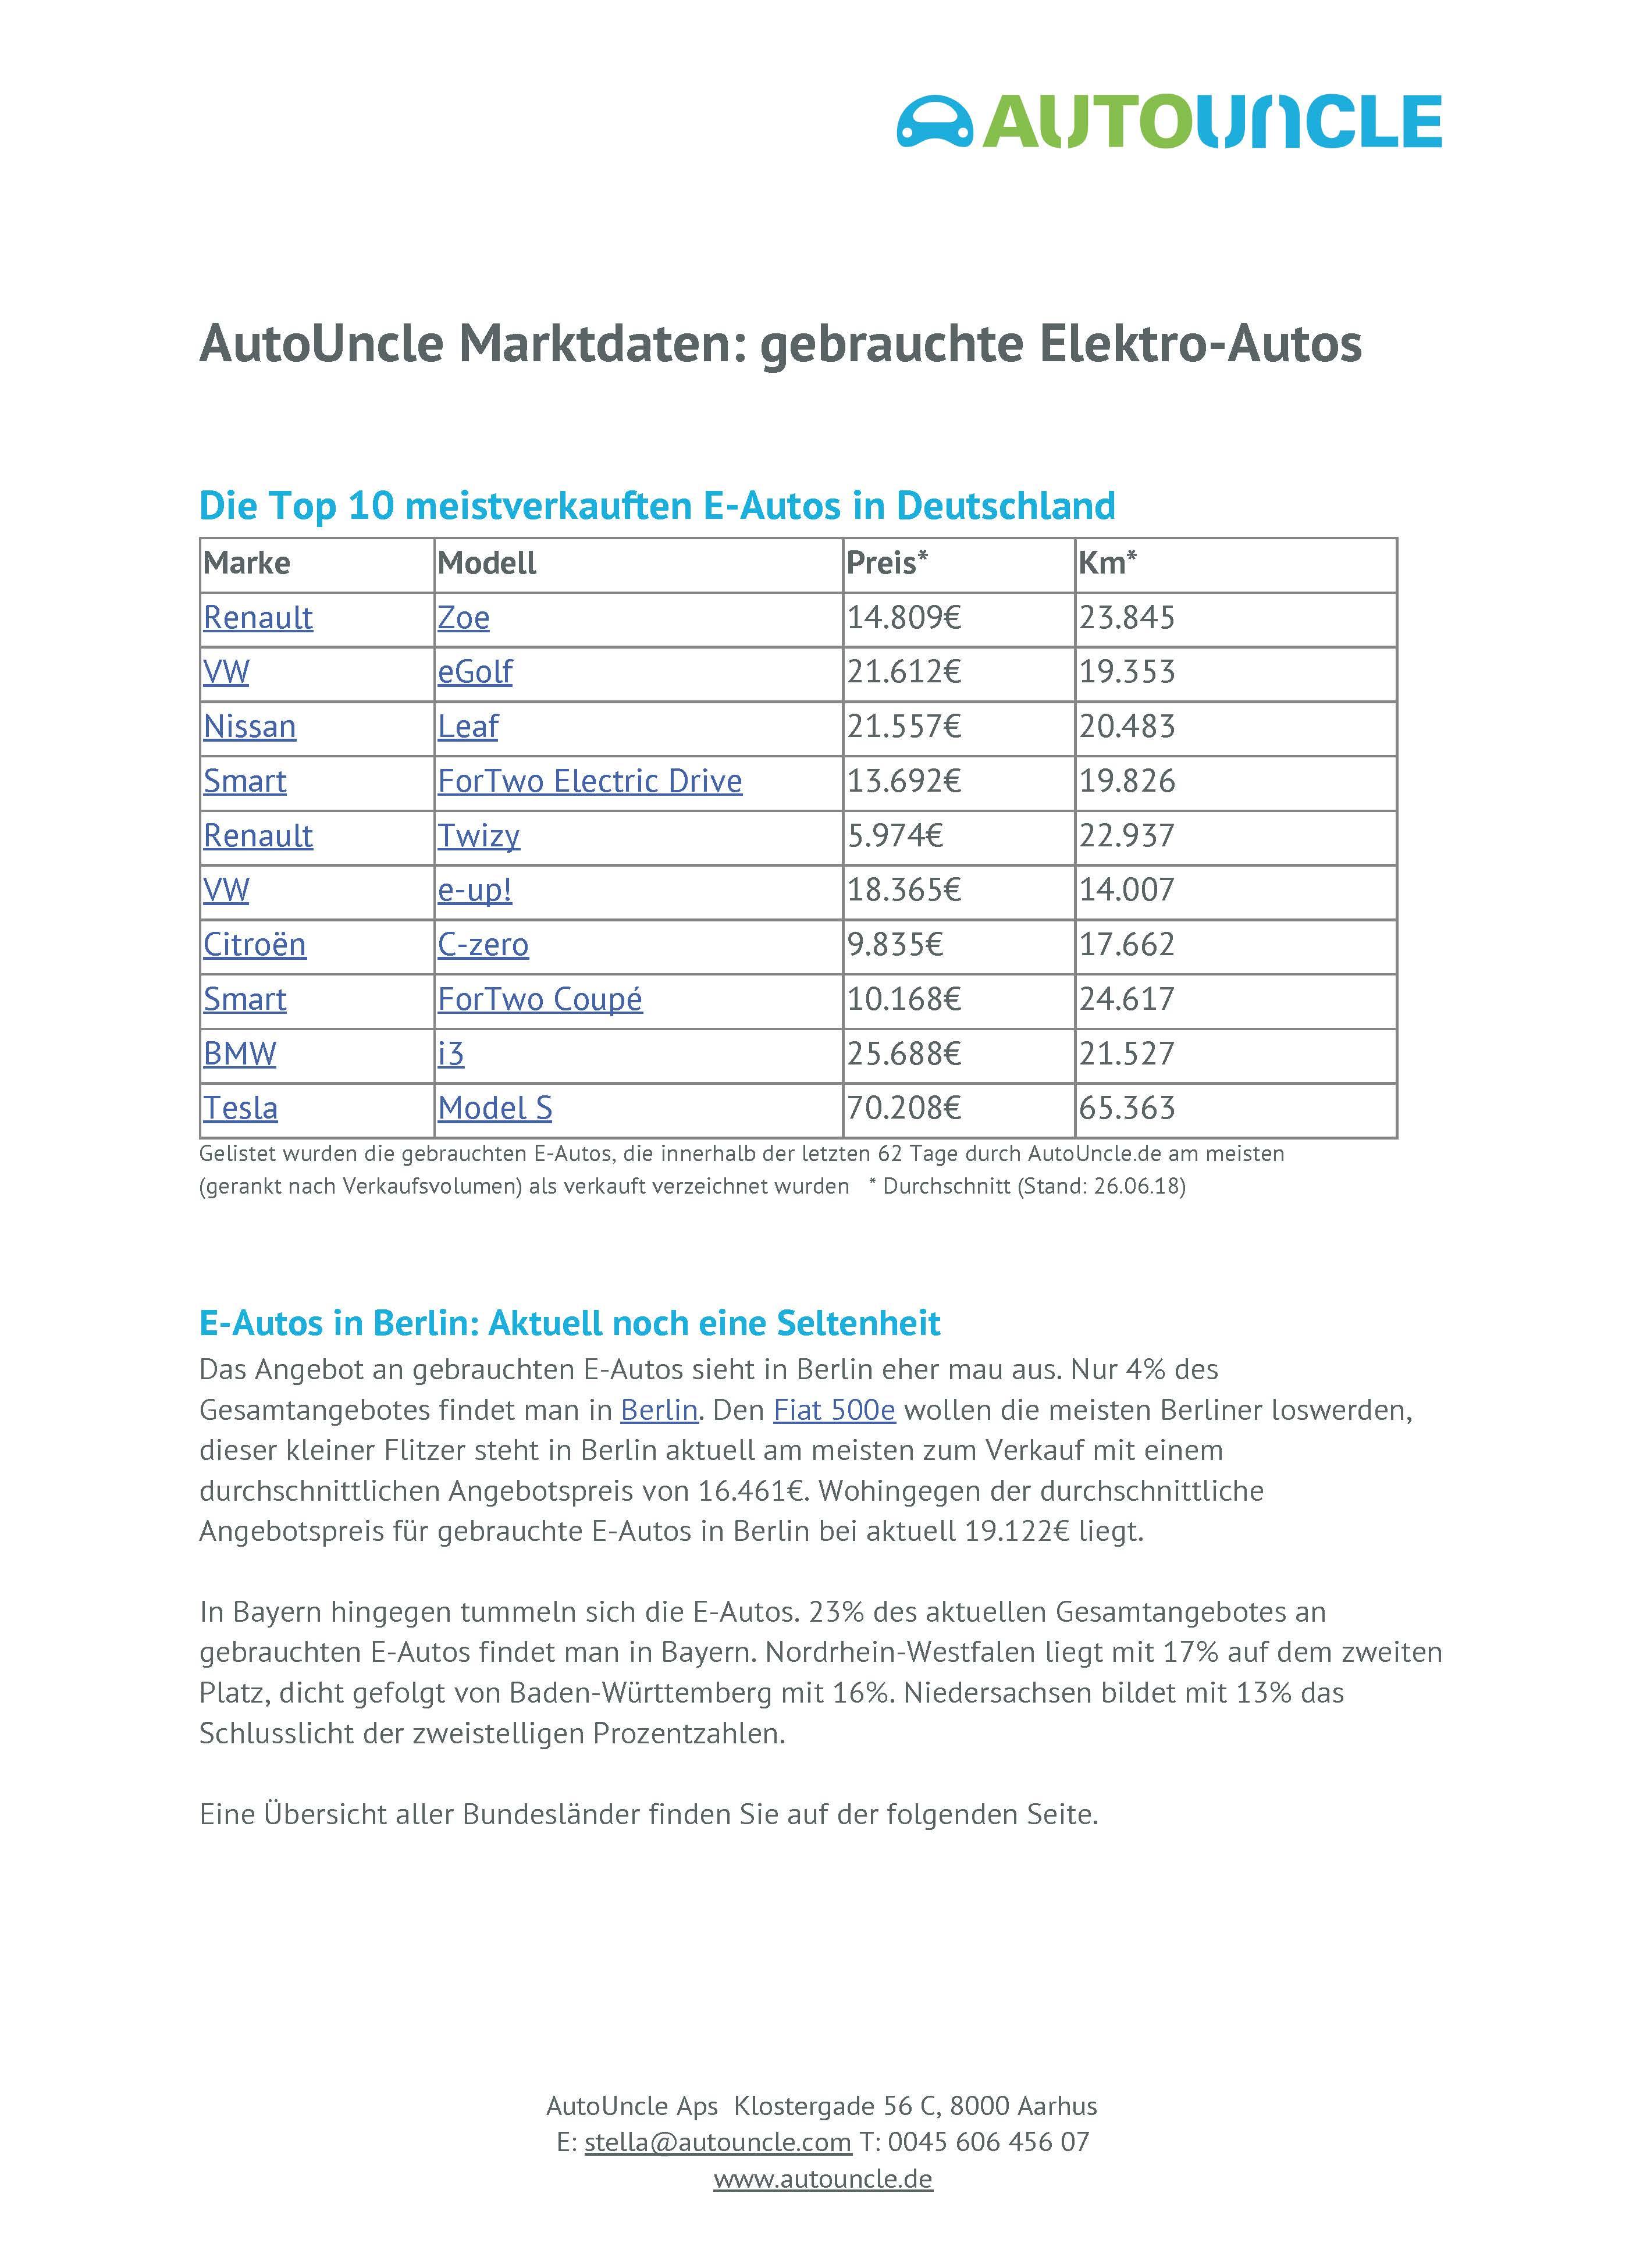 Die Top 10 meistverkauften E-Autos in Deutschland